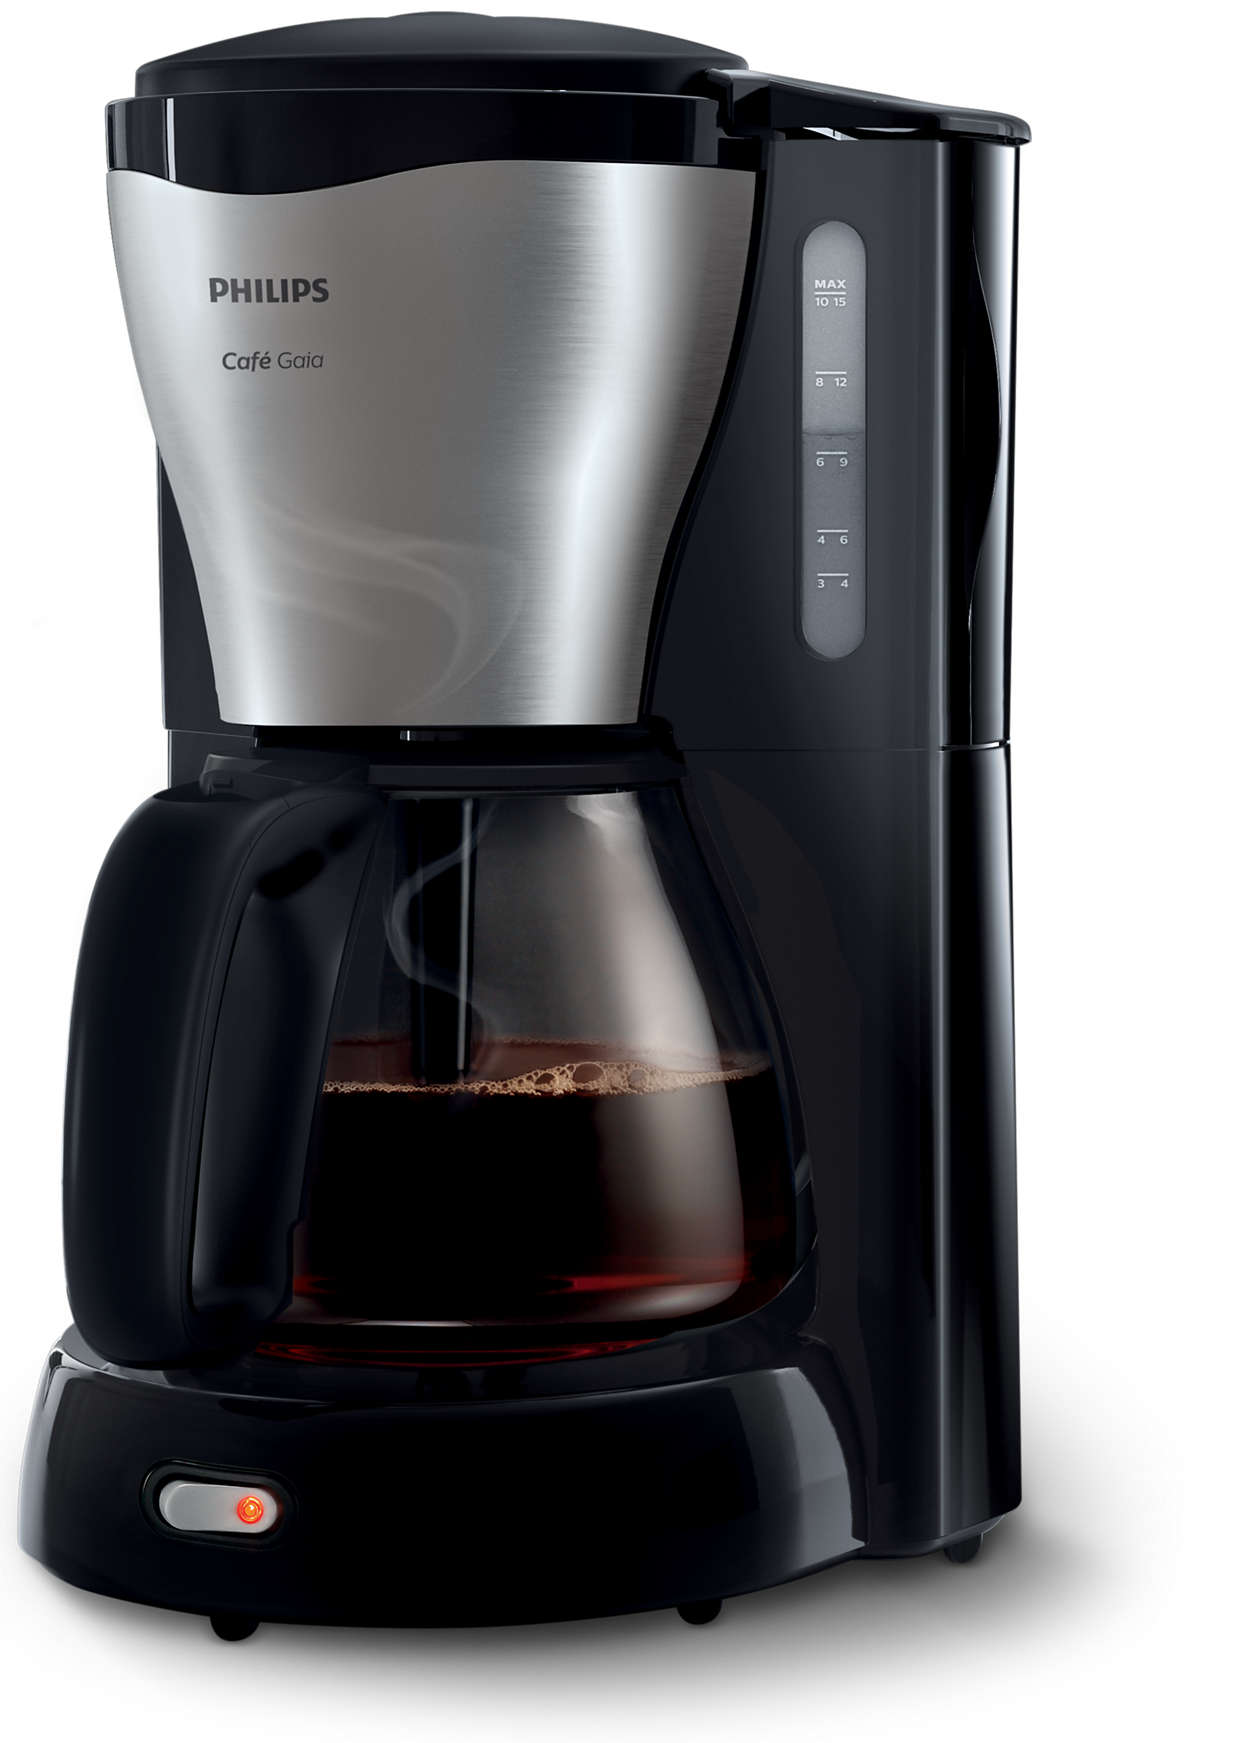 Voller Kaffeegenuss bis zum letzten Tropfen